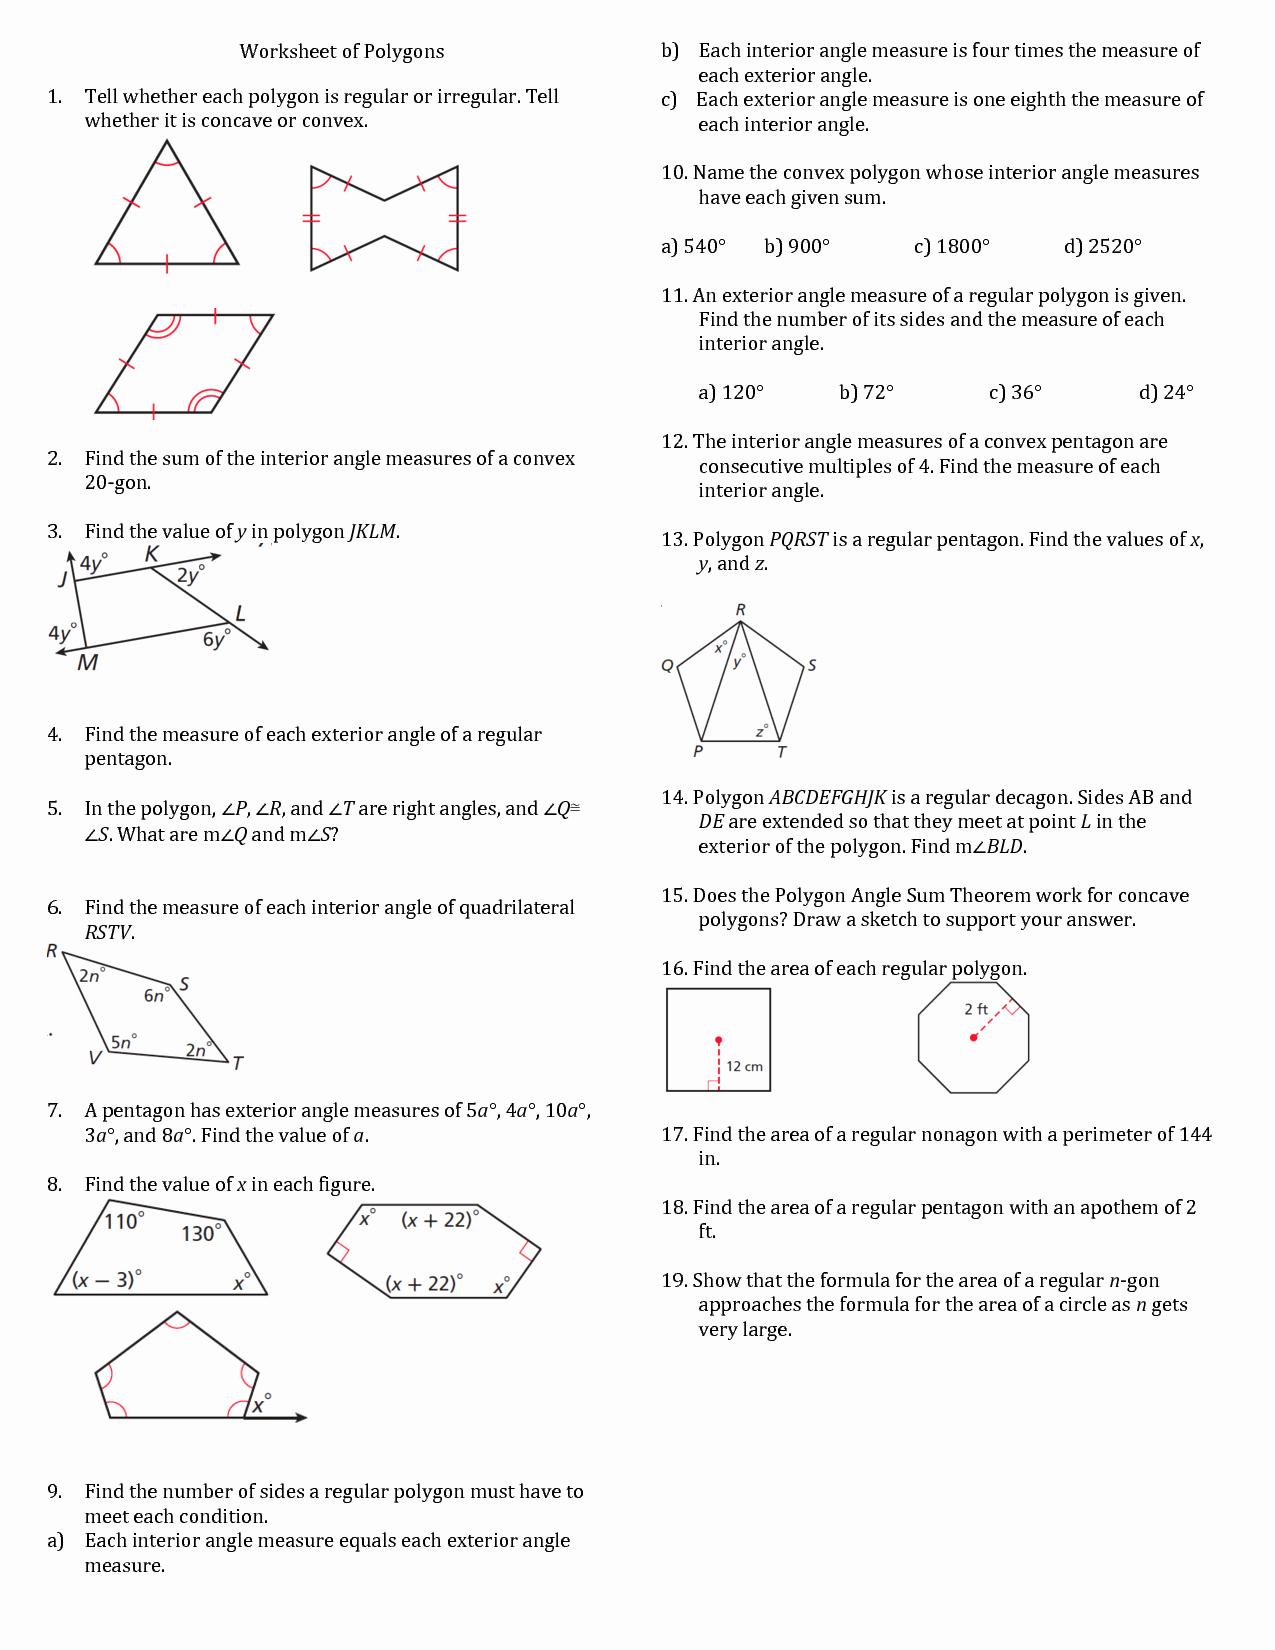 Polygon and Angles Worksheet Elegant 7 Best Of Irregular Polygon Shapes Worksheets